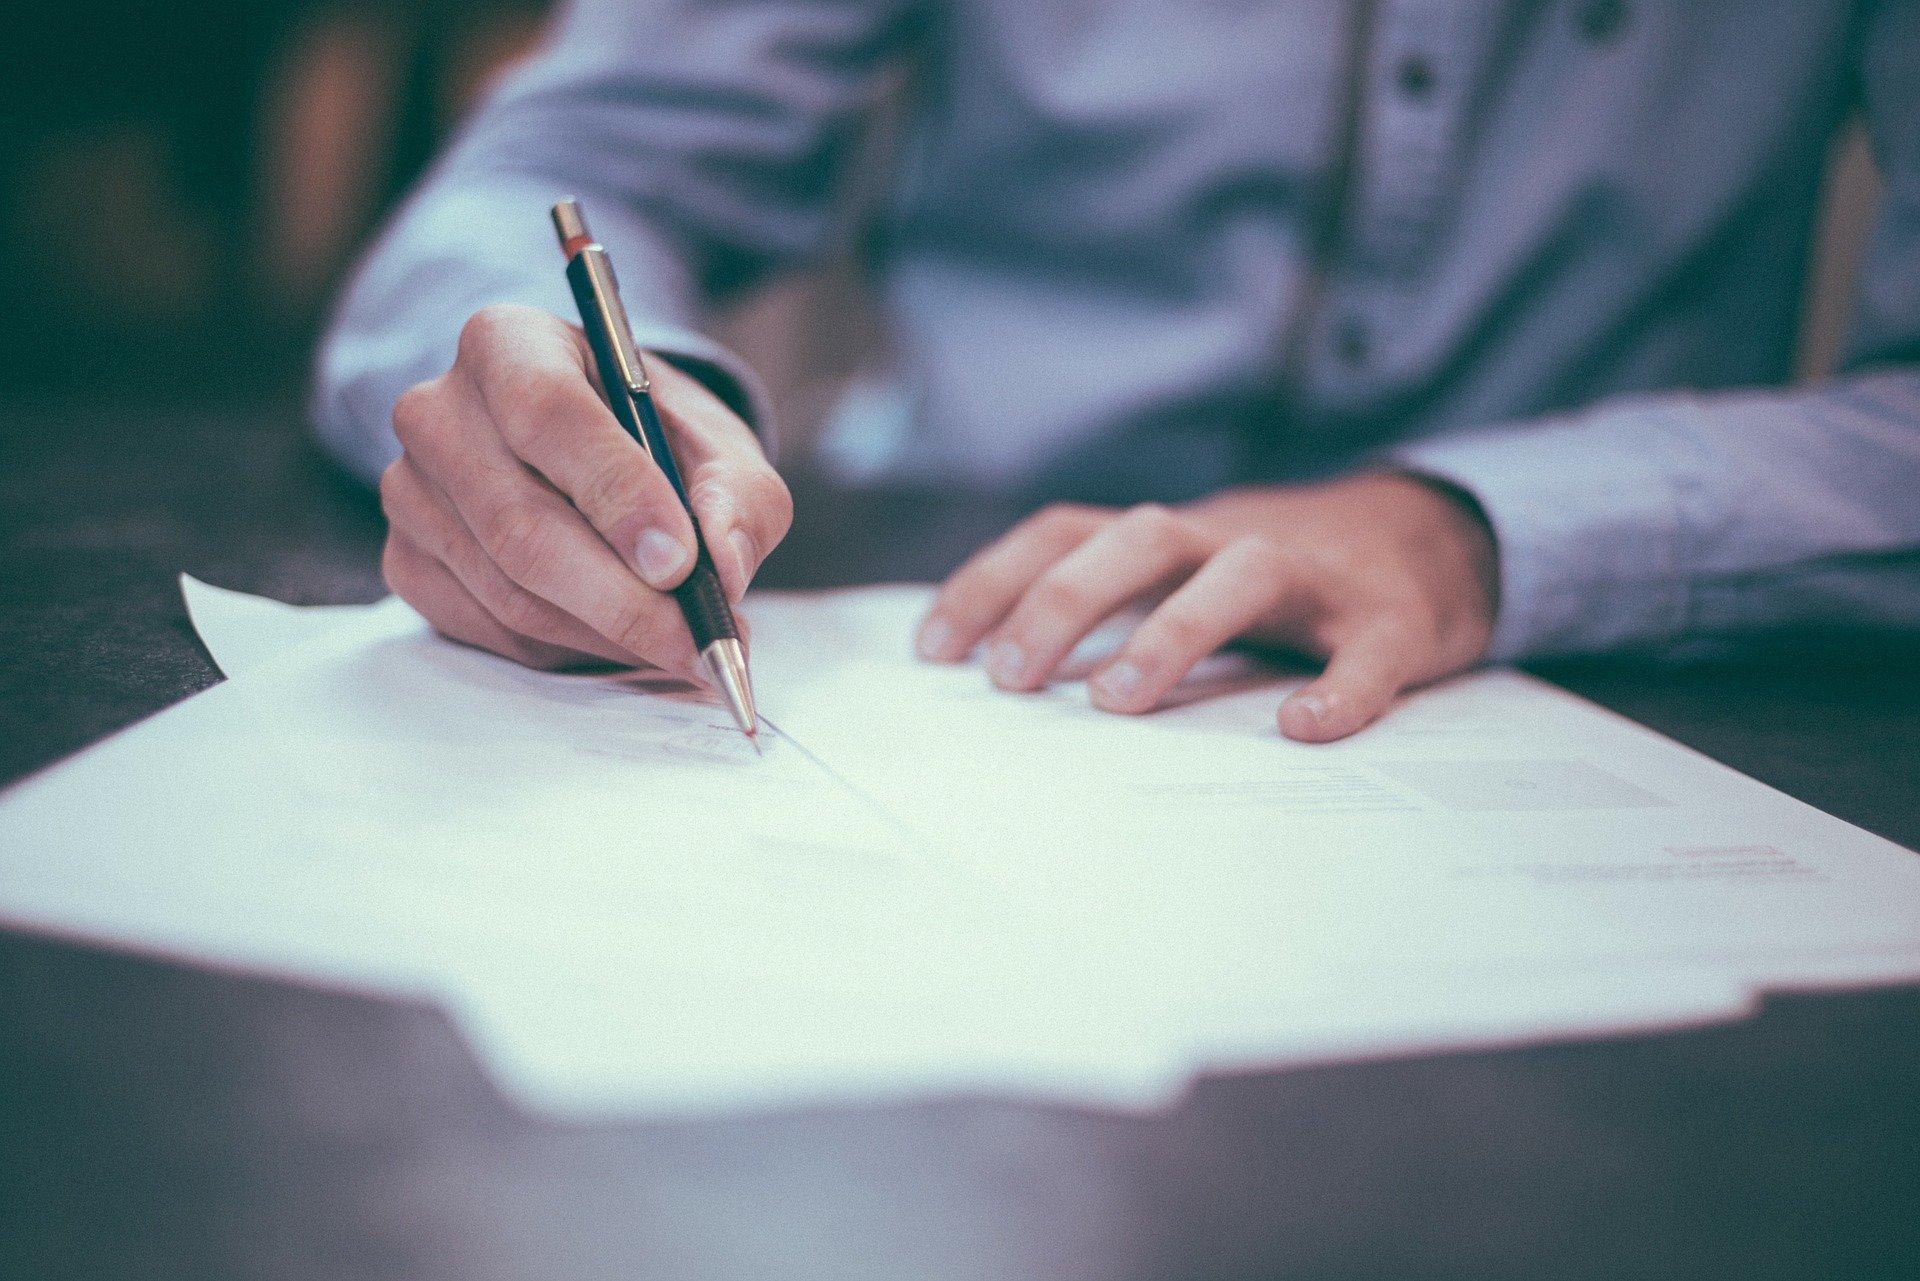 Weitere Klausel der Allgemeinen Versicherungsbedingungen der DKV für unwirksam erklärt